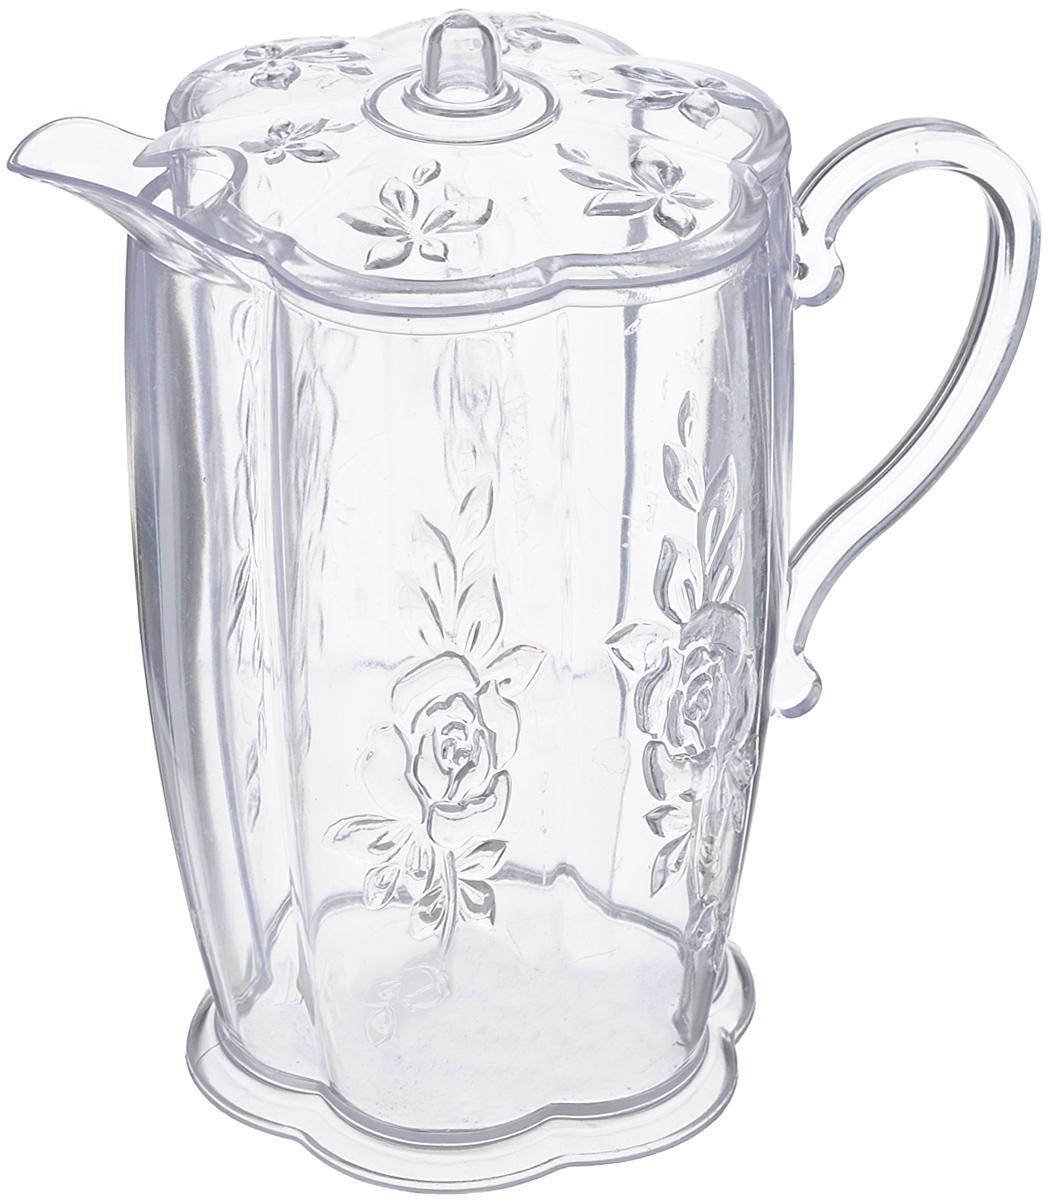 Кувшин Альтернатива Молочник, с крышкой, 500 млМ832Кувшин Альтернатива Молочник выполнен из высококачественного пластика, оснащен крышкой и эргономичной ручкой для удобства. Внешние стенки изделия декорированы объемными цветами. В таком кувшине будет удобно хранить и подавать на стол молоко, соки или воду.Кувшин Альтернатива Молочник украсит любой кухонный интерьер и станет хорошим подарком для ваших близких. Размер (по верхнему краю): 10,2 см х 7,5 см. Высота (с учетом крышки): 14 см.